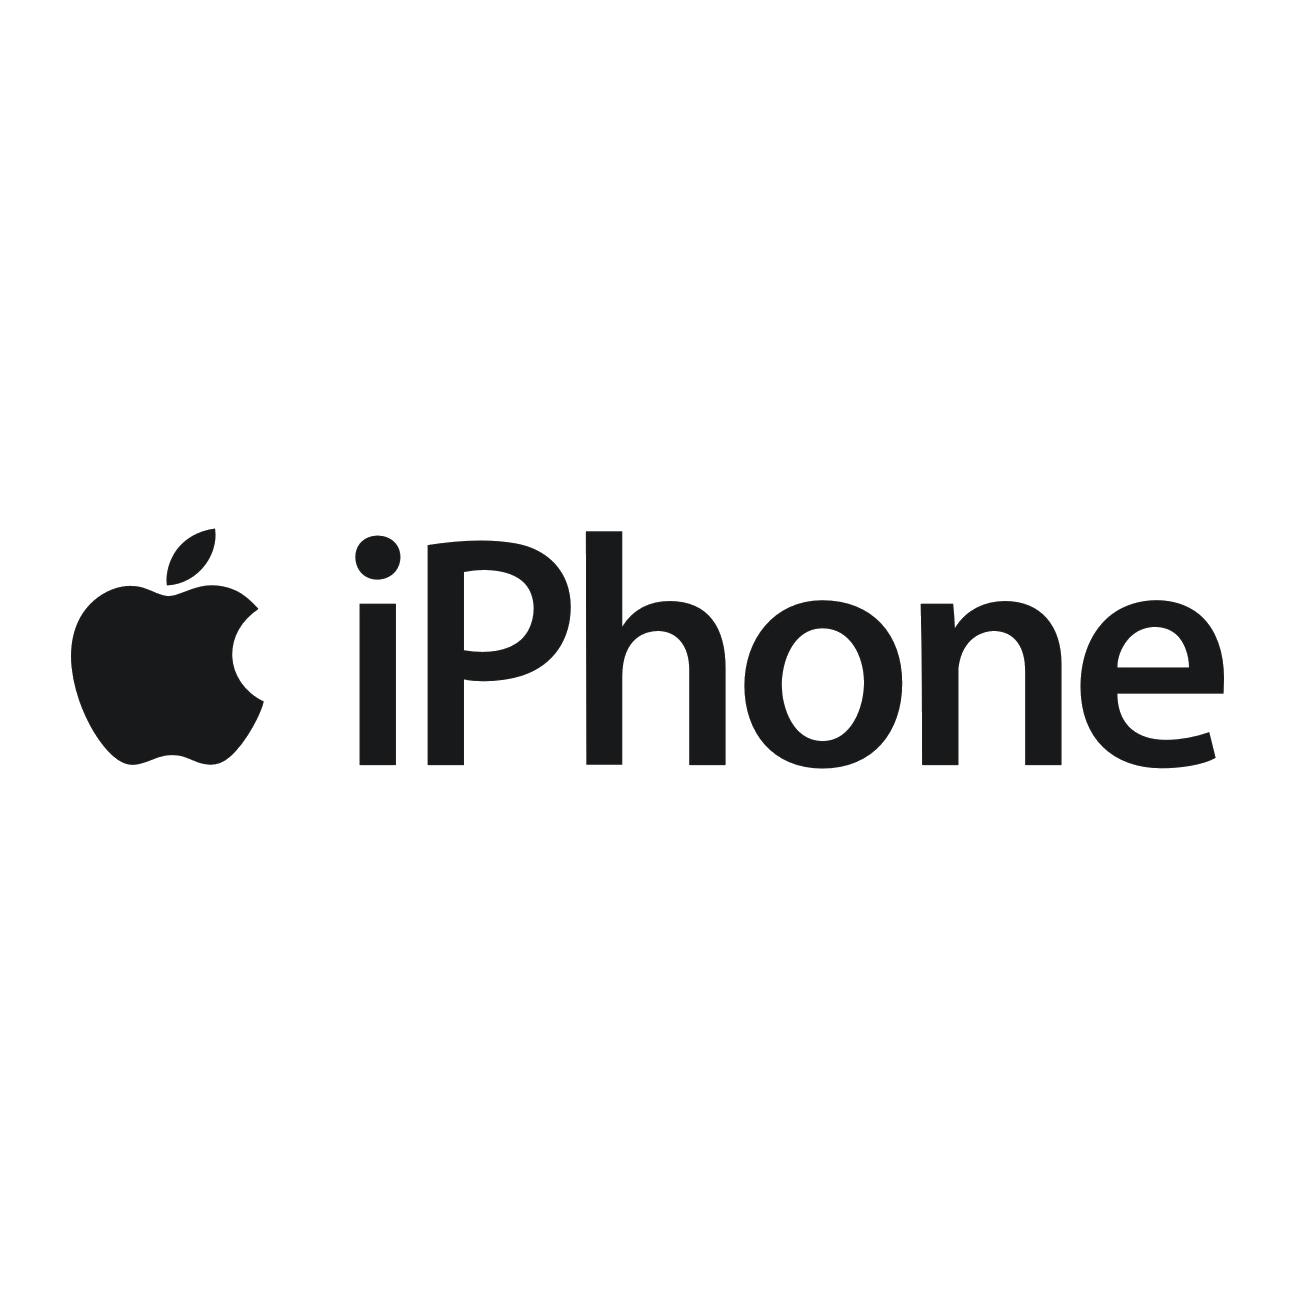 dekodiranje-otkljucavanje-iphone-beograd